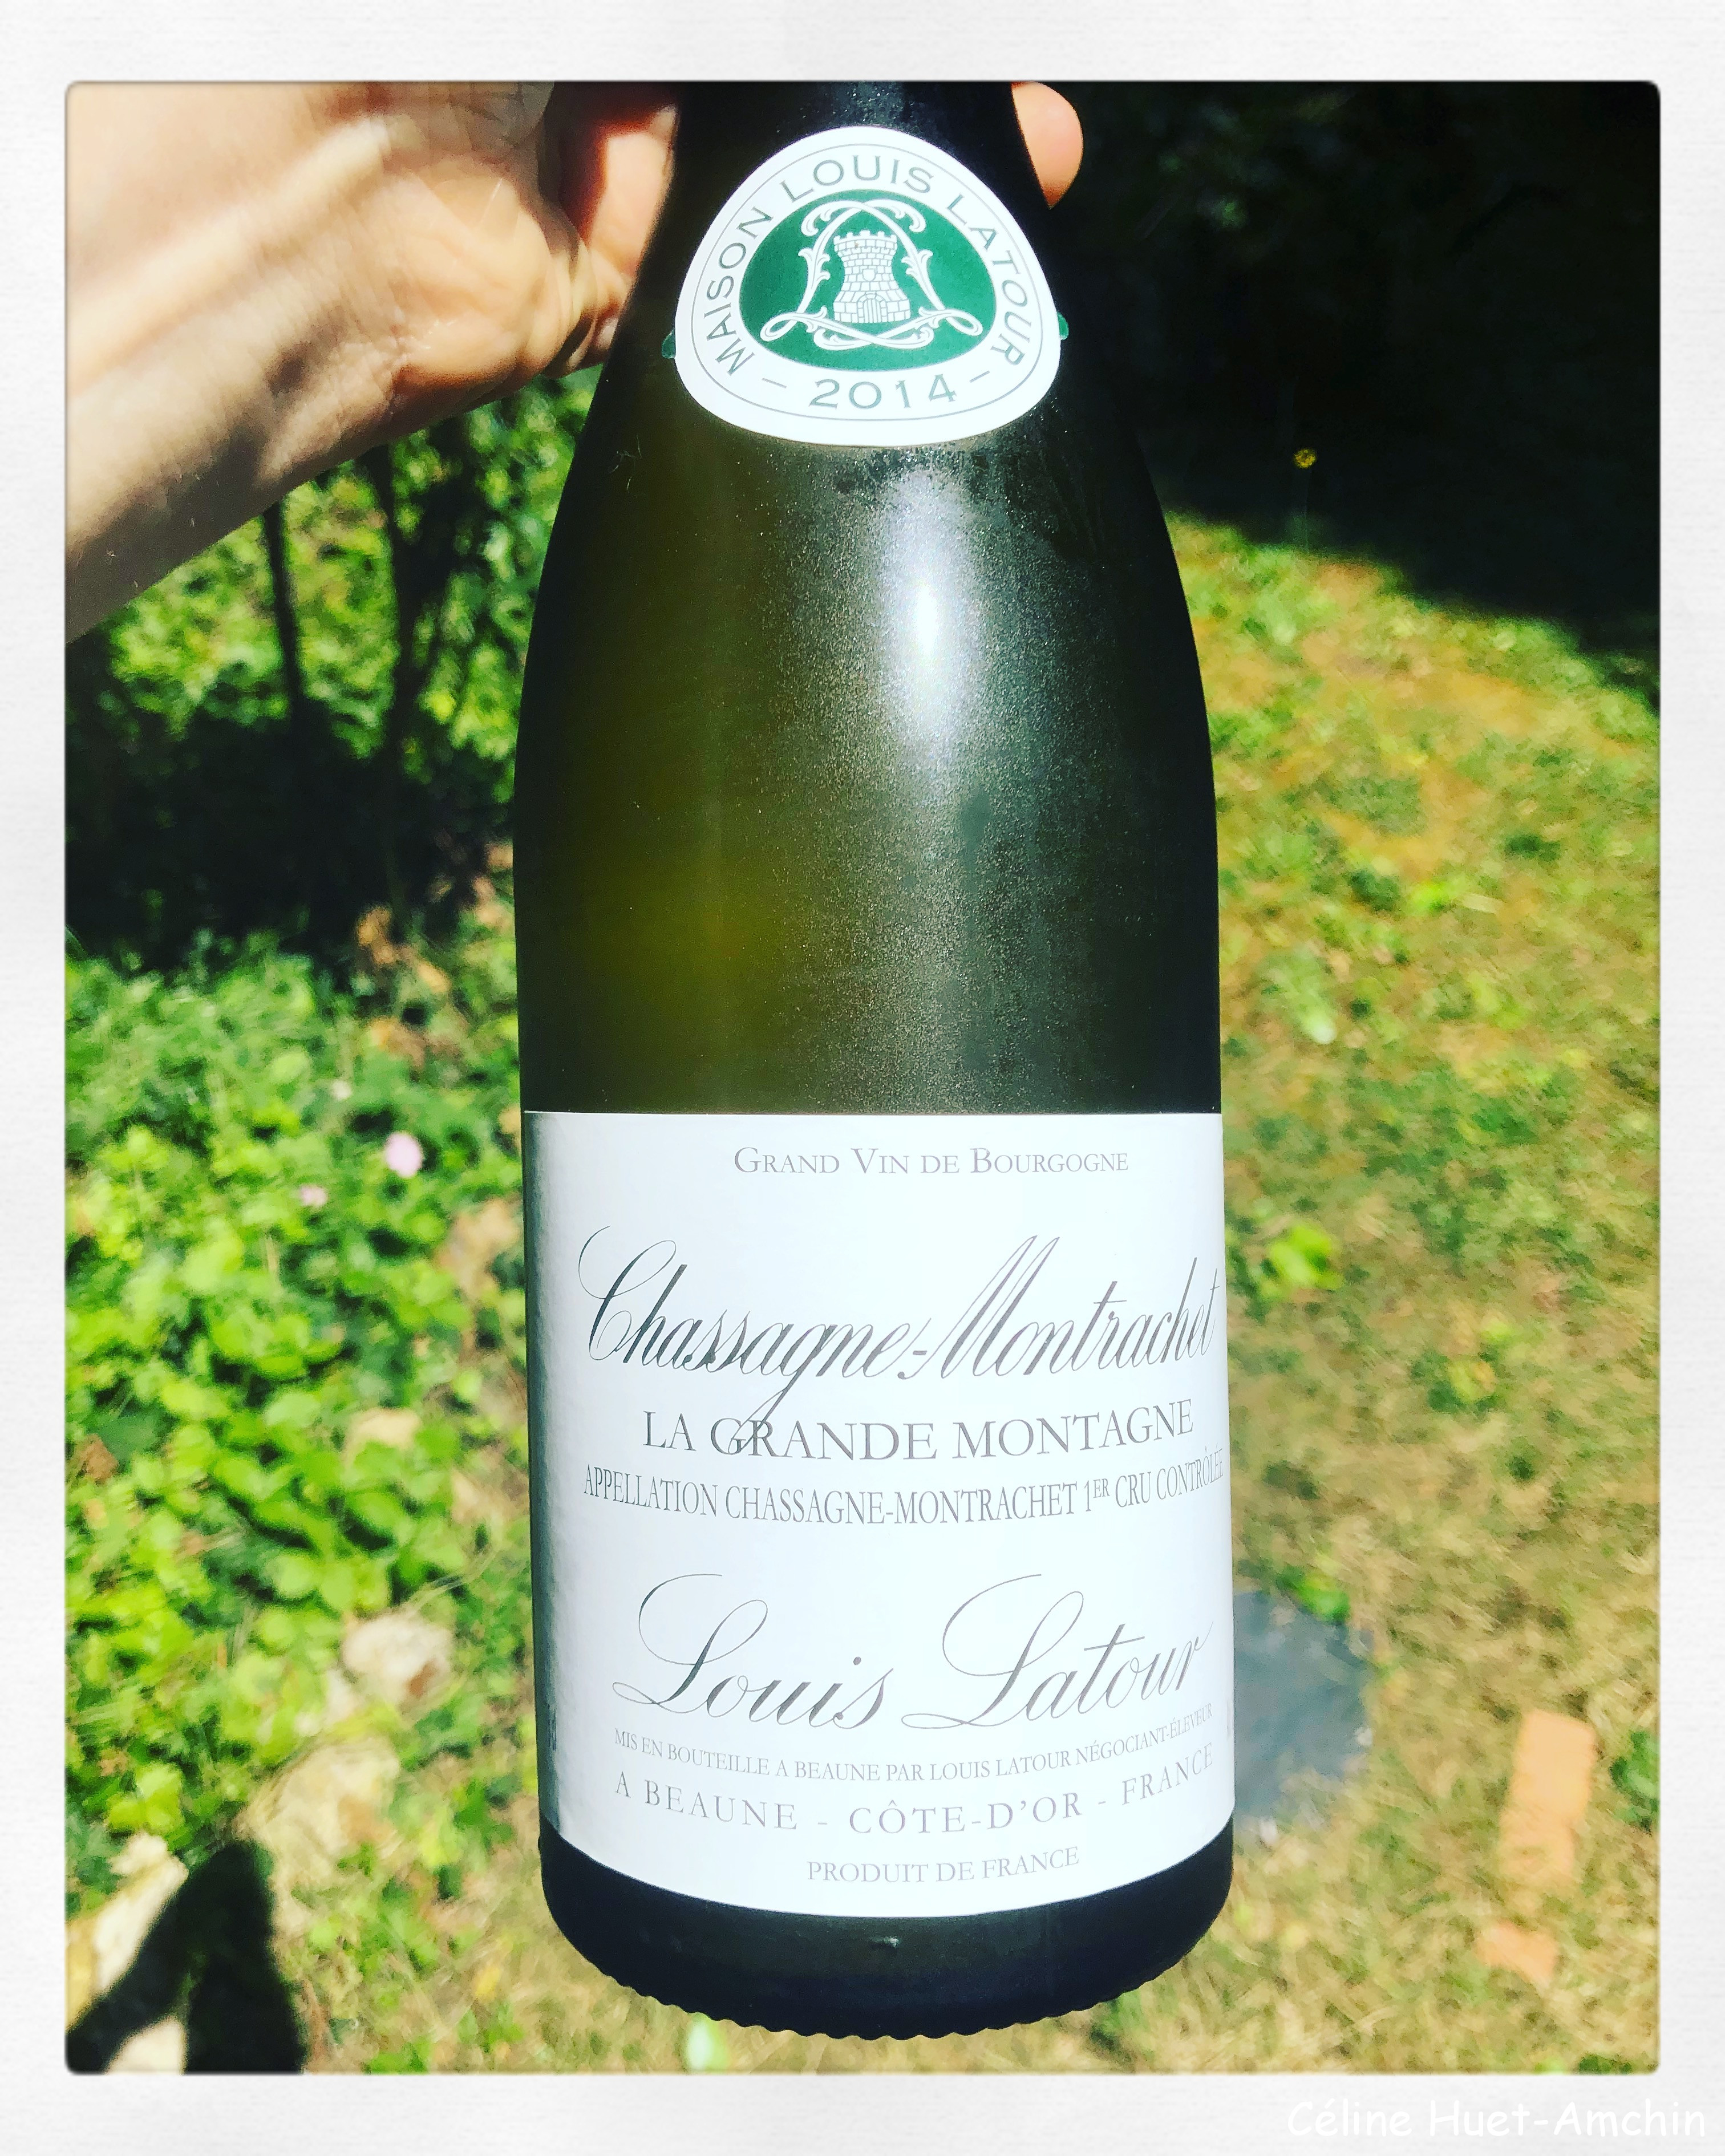 Chassagne-Montrachet Louis Latour 2014